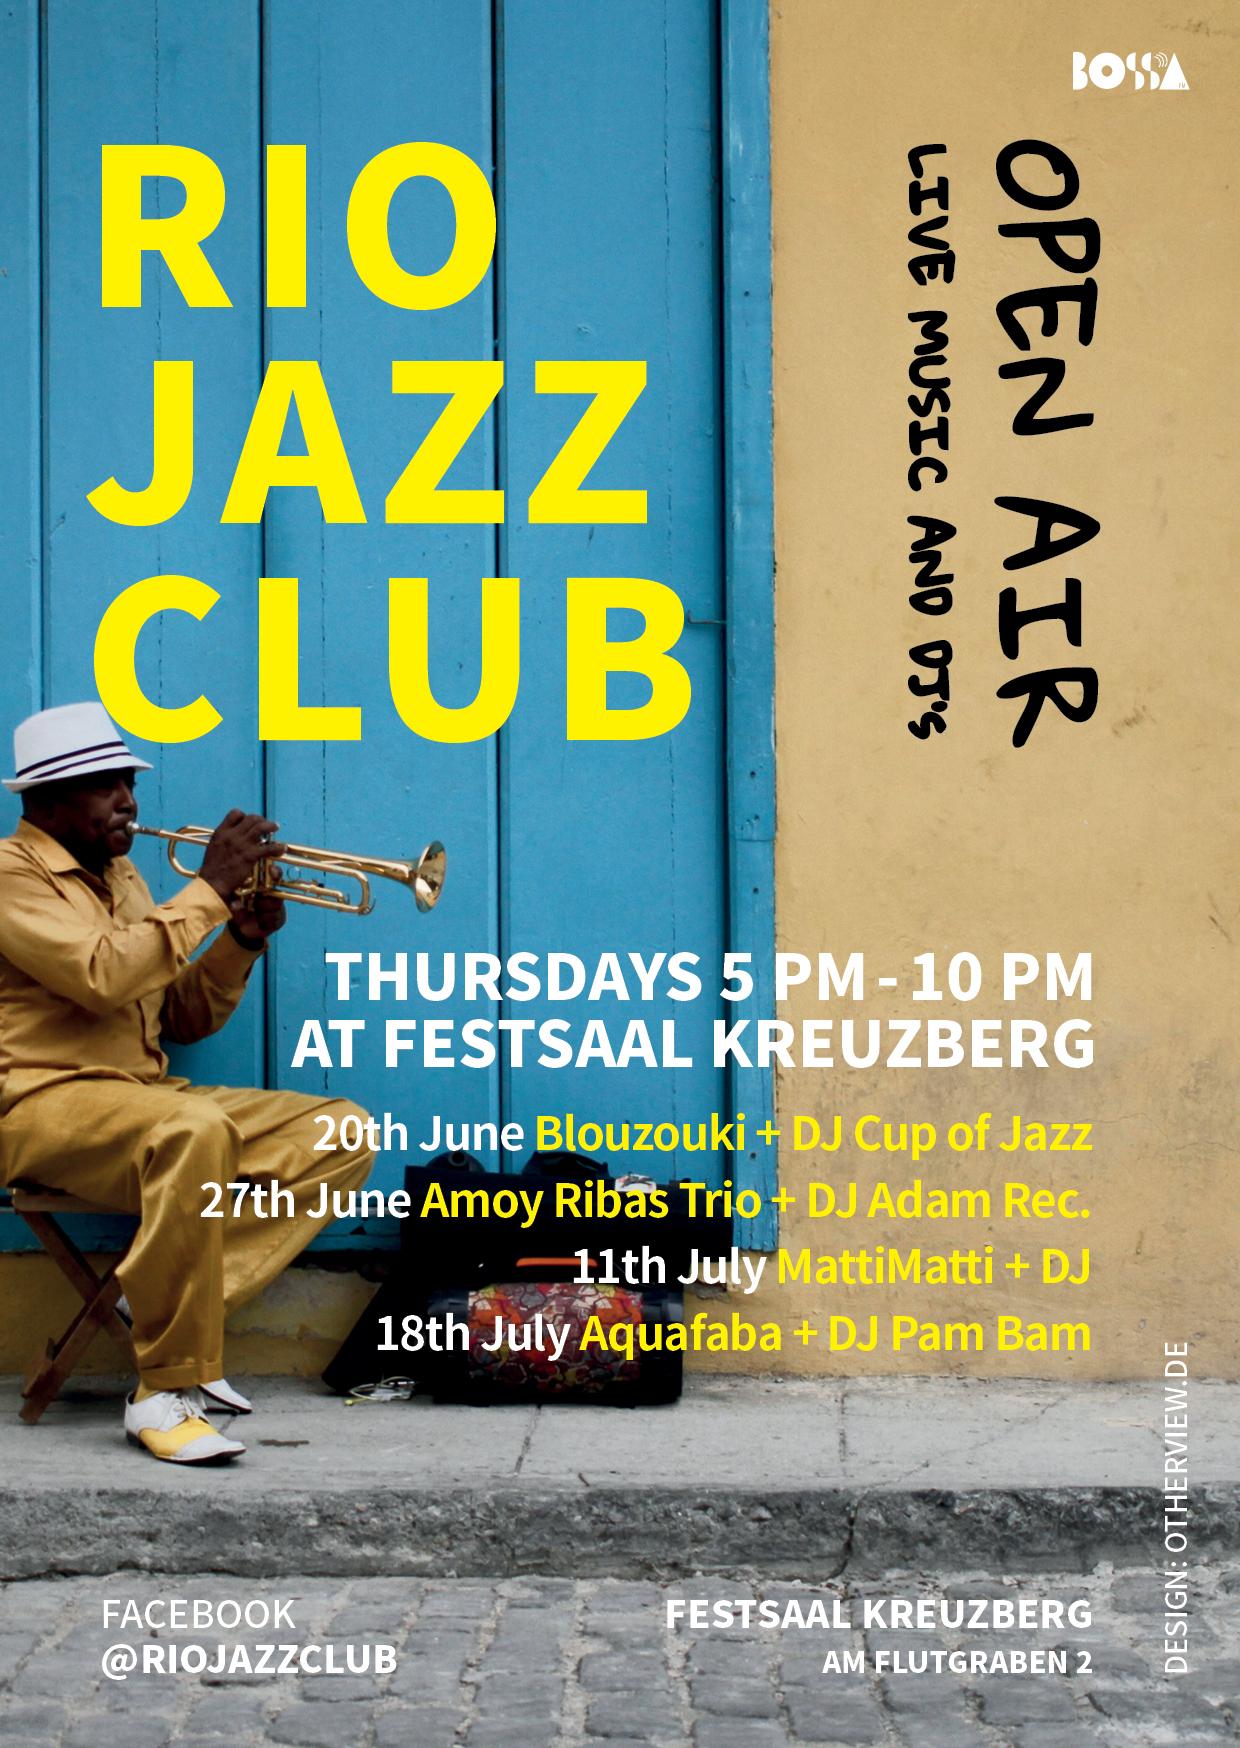 RZ_Rio_JazzClub_Flyer.jpg